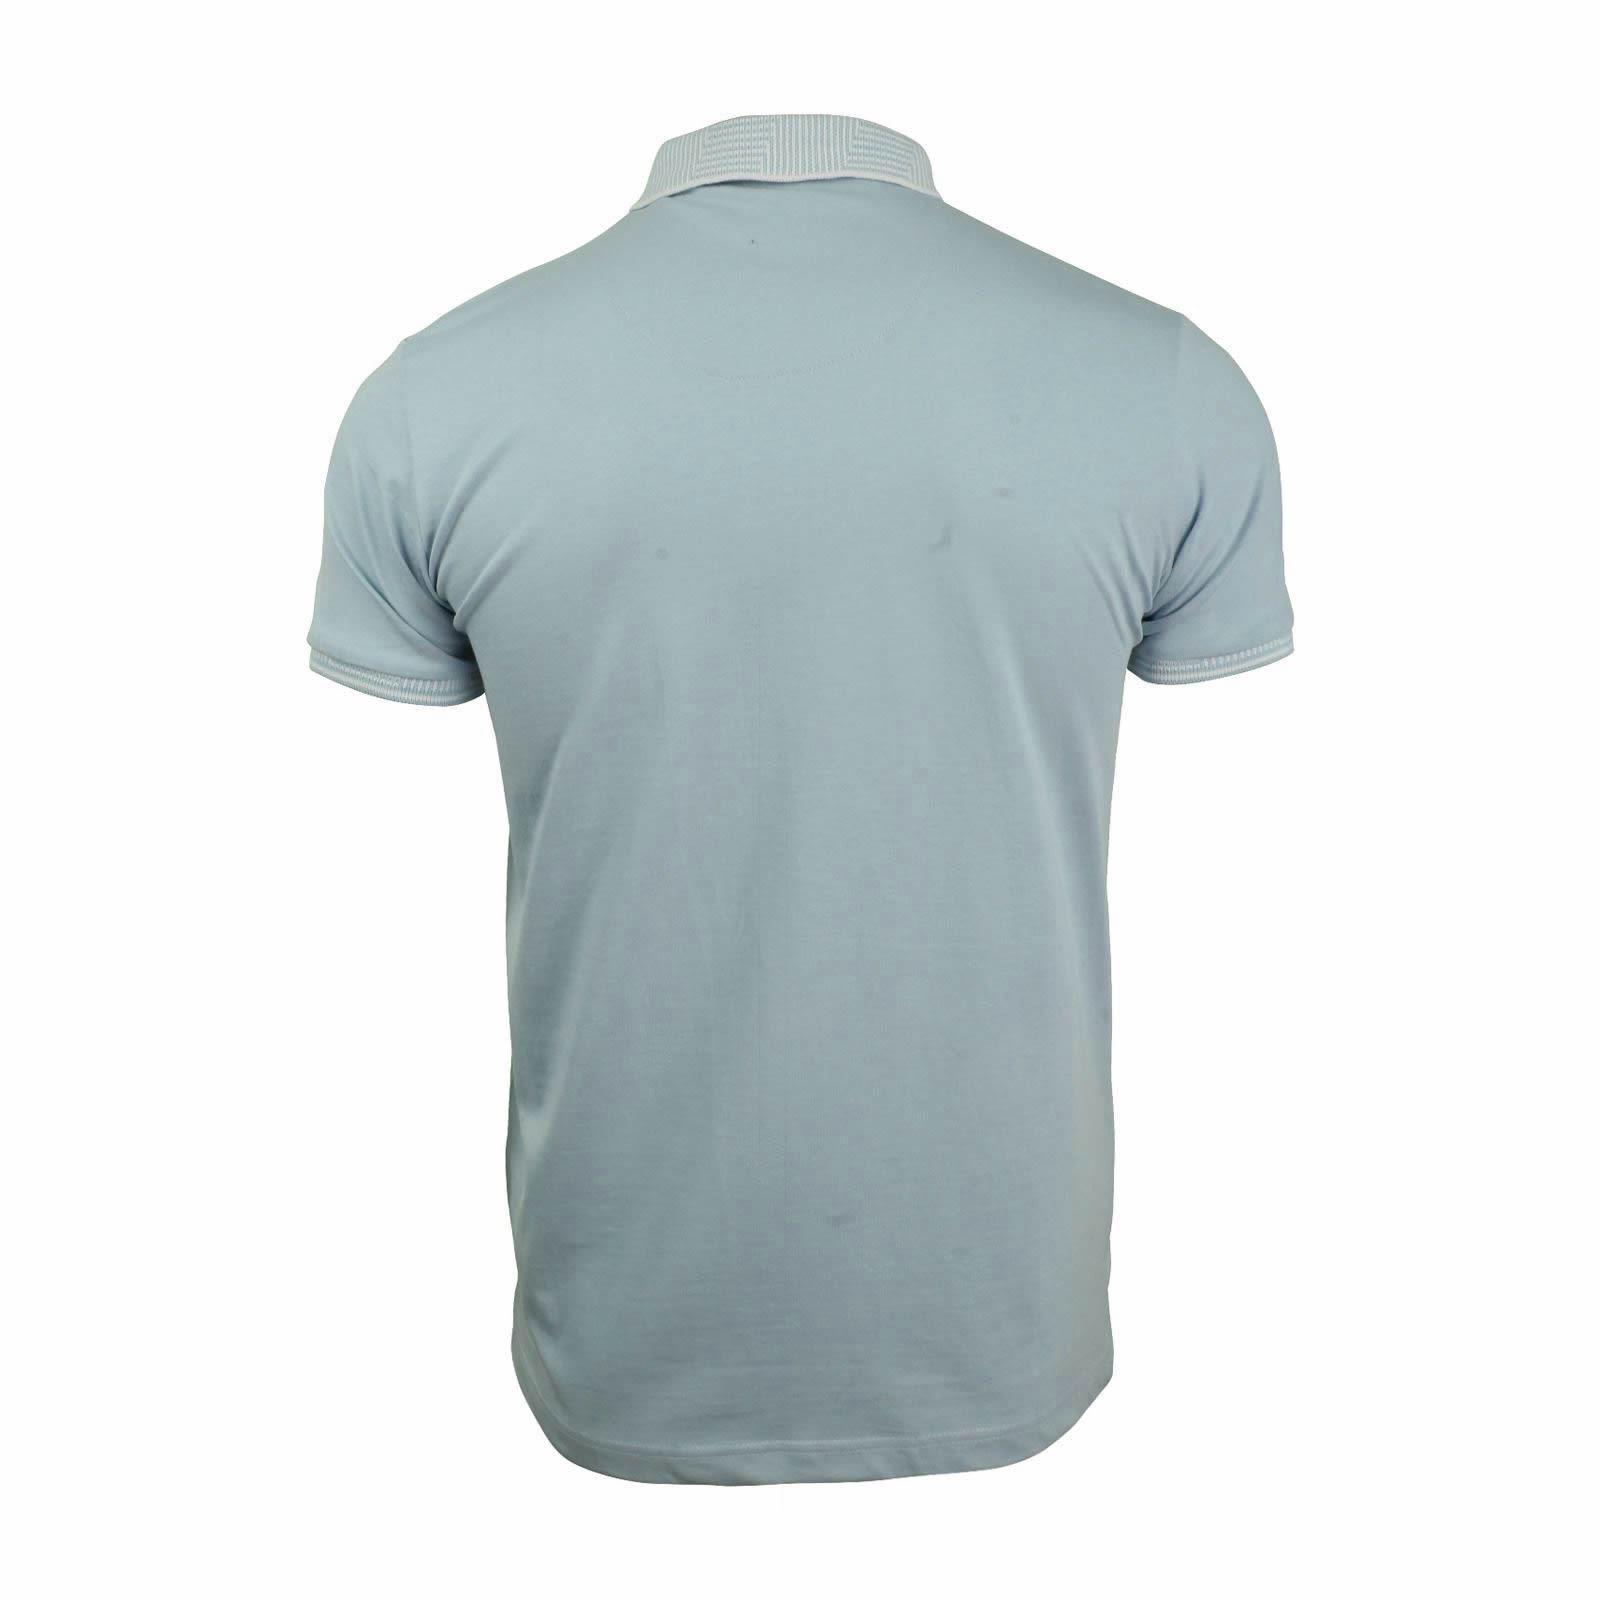 Polo-pour-Homme-T-Shirt-Brave-Soul-Glover-Coton-Avec-Col-Haut-Decontracte-Manche-Courte miniature 26